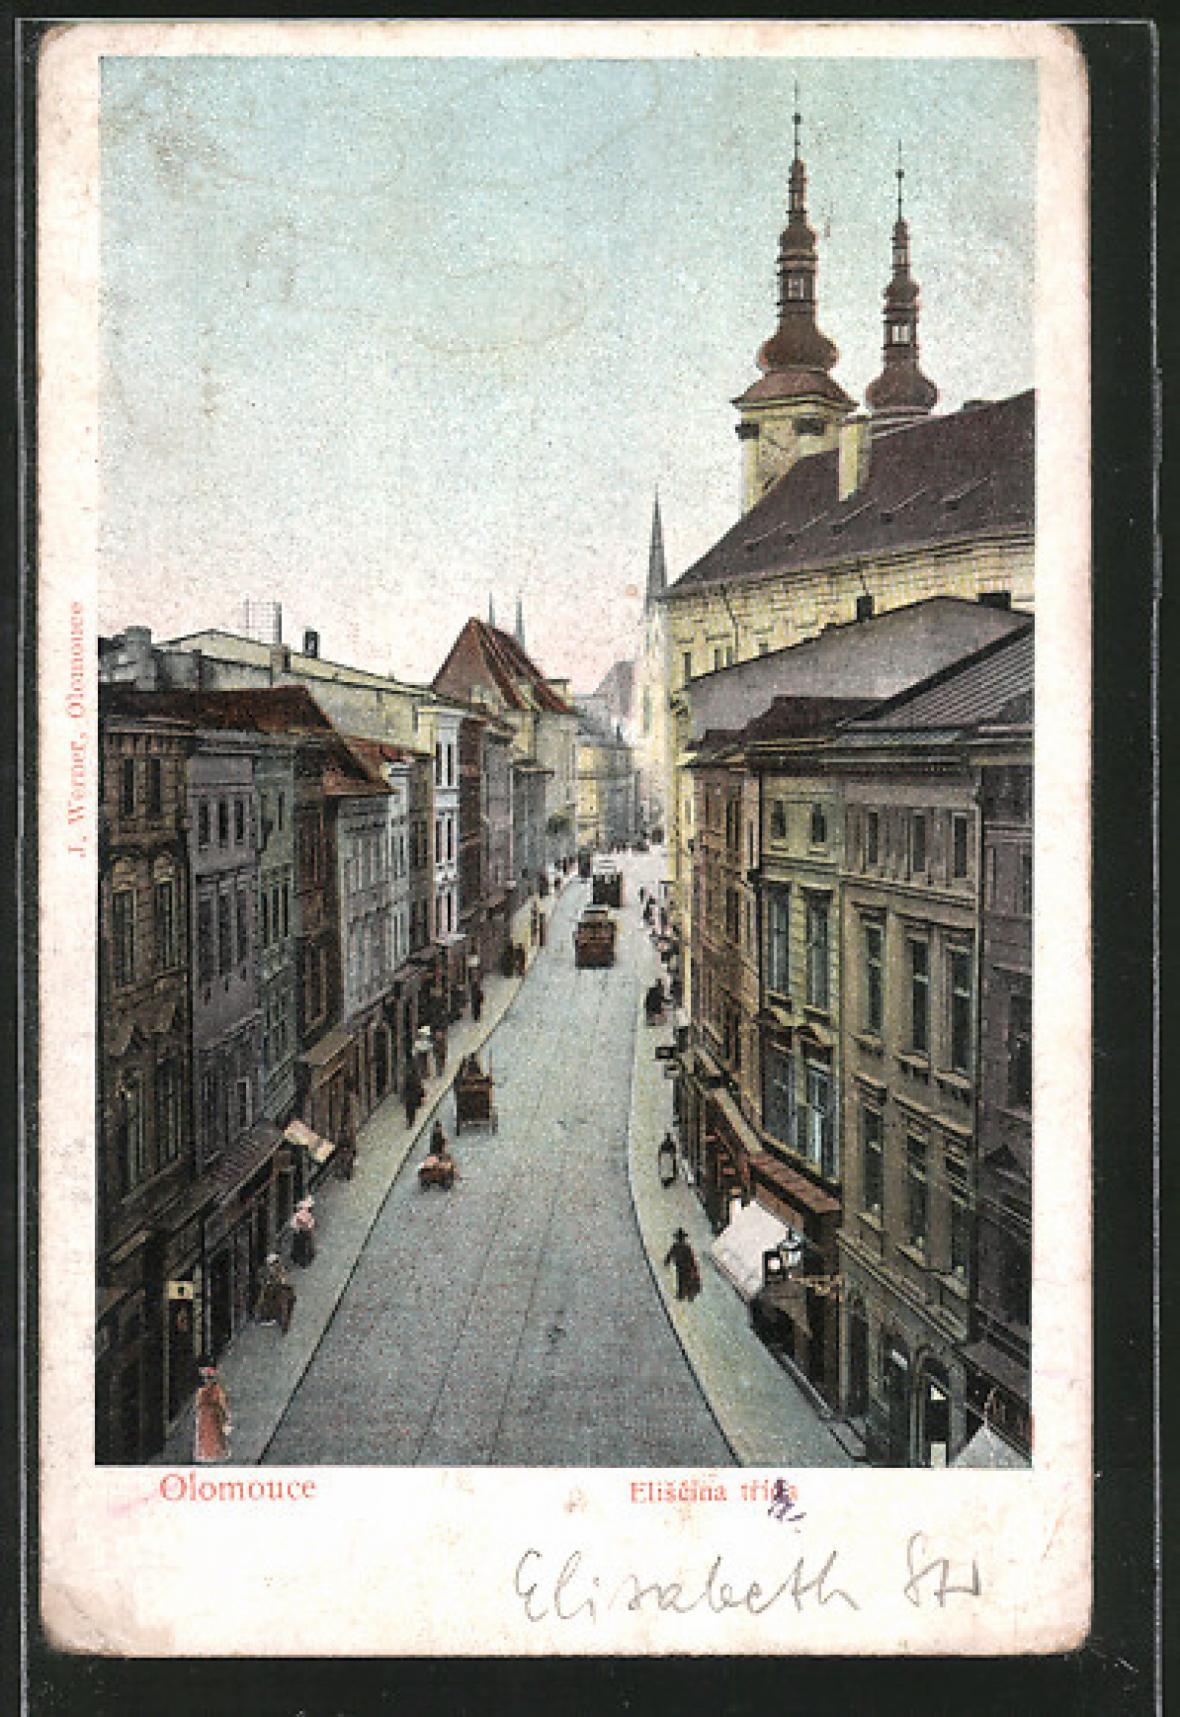 Pohlednice odeslaná z Olomouce do Vídně 8. srpna 1914